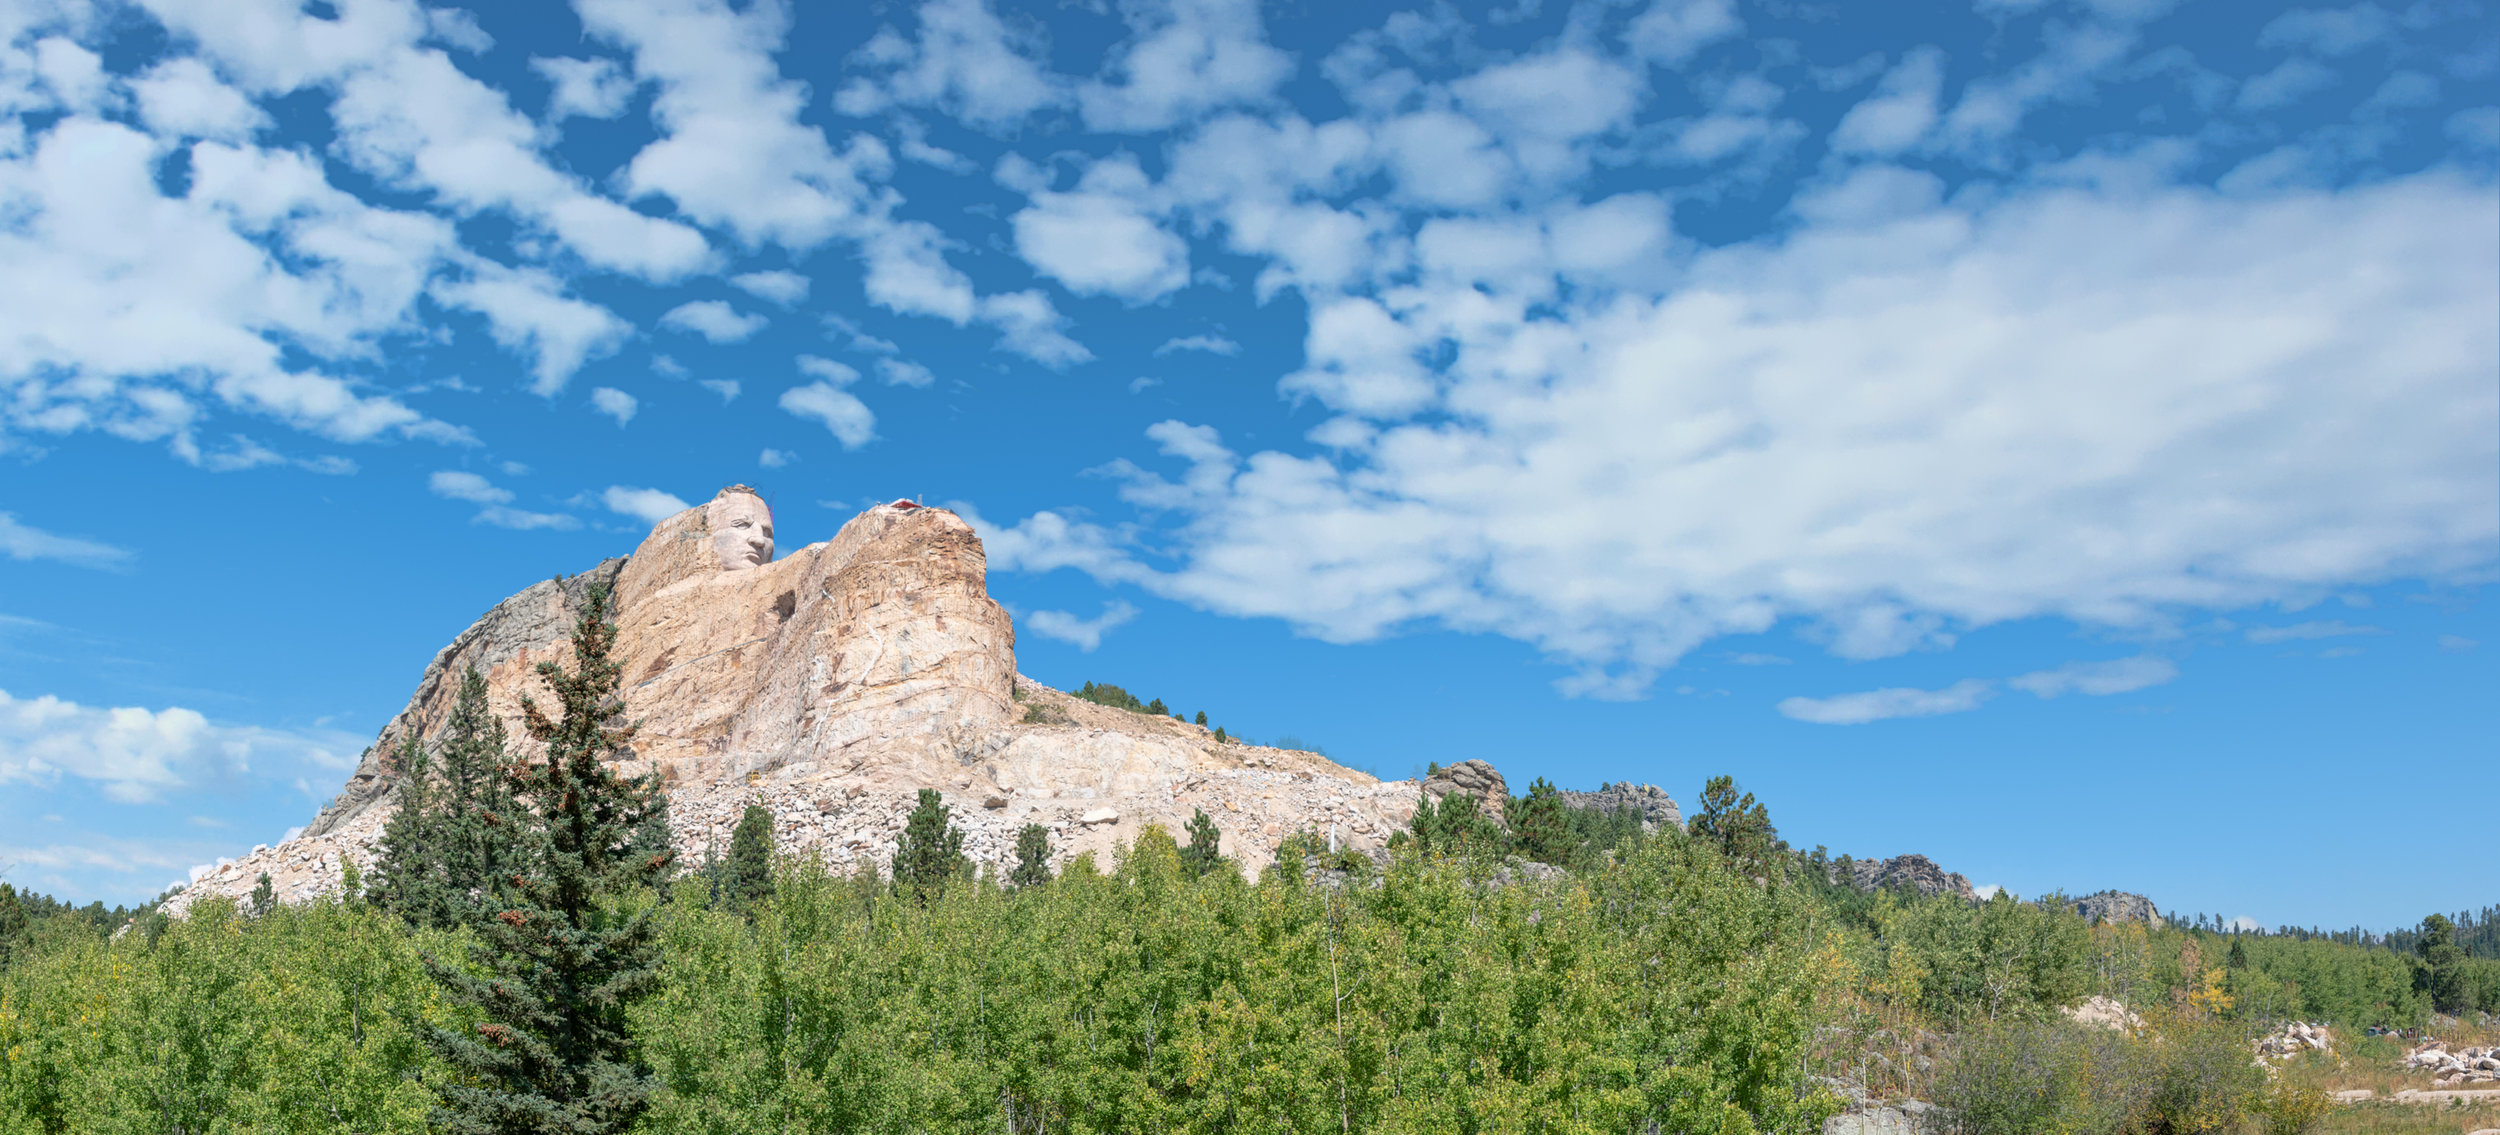 Crazy Horse Memorial Crazy Horse, South Dakota